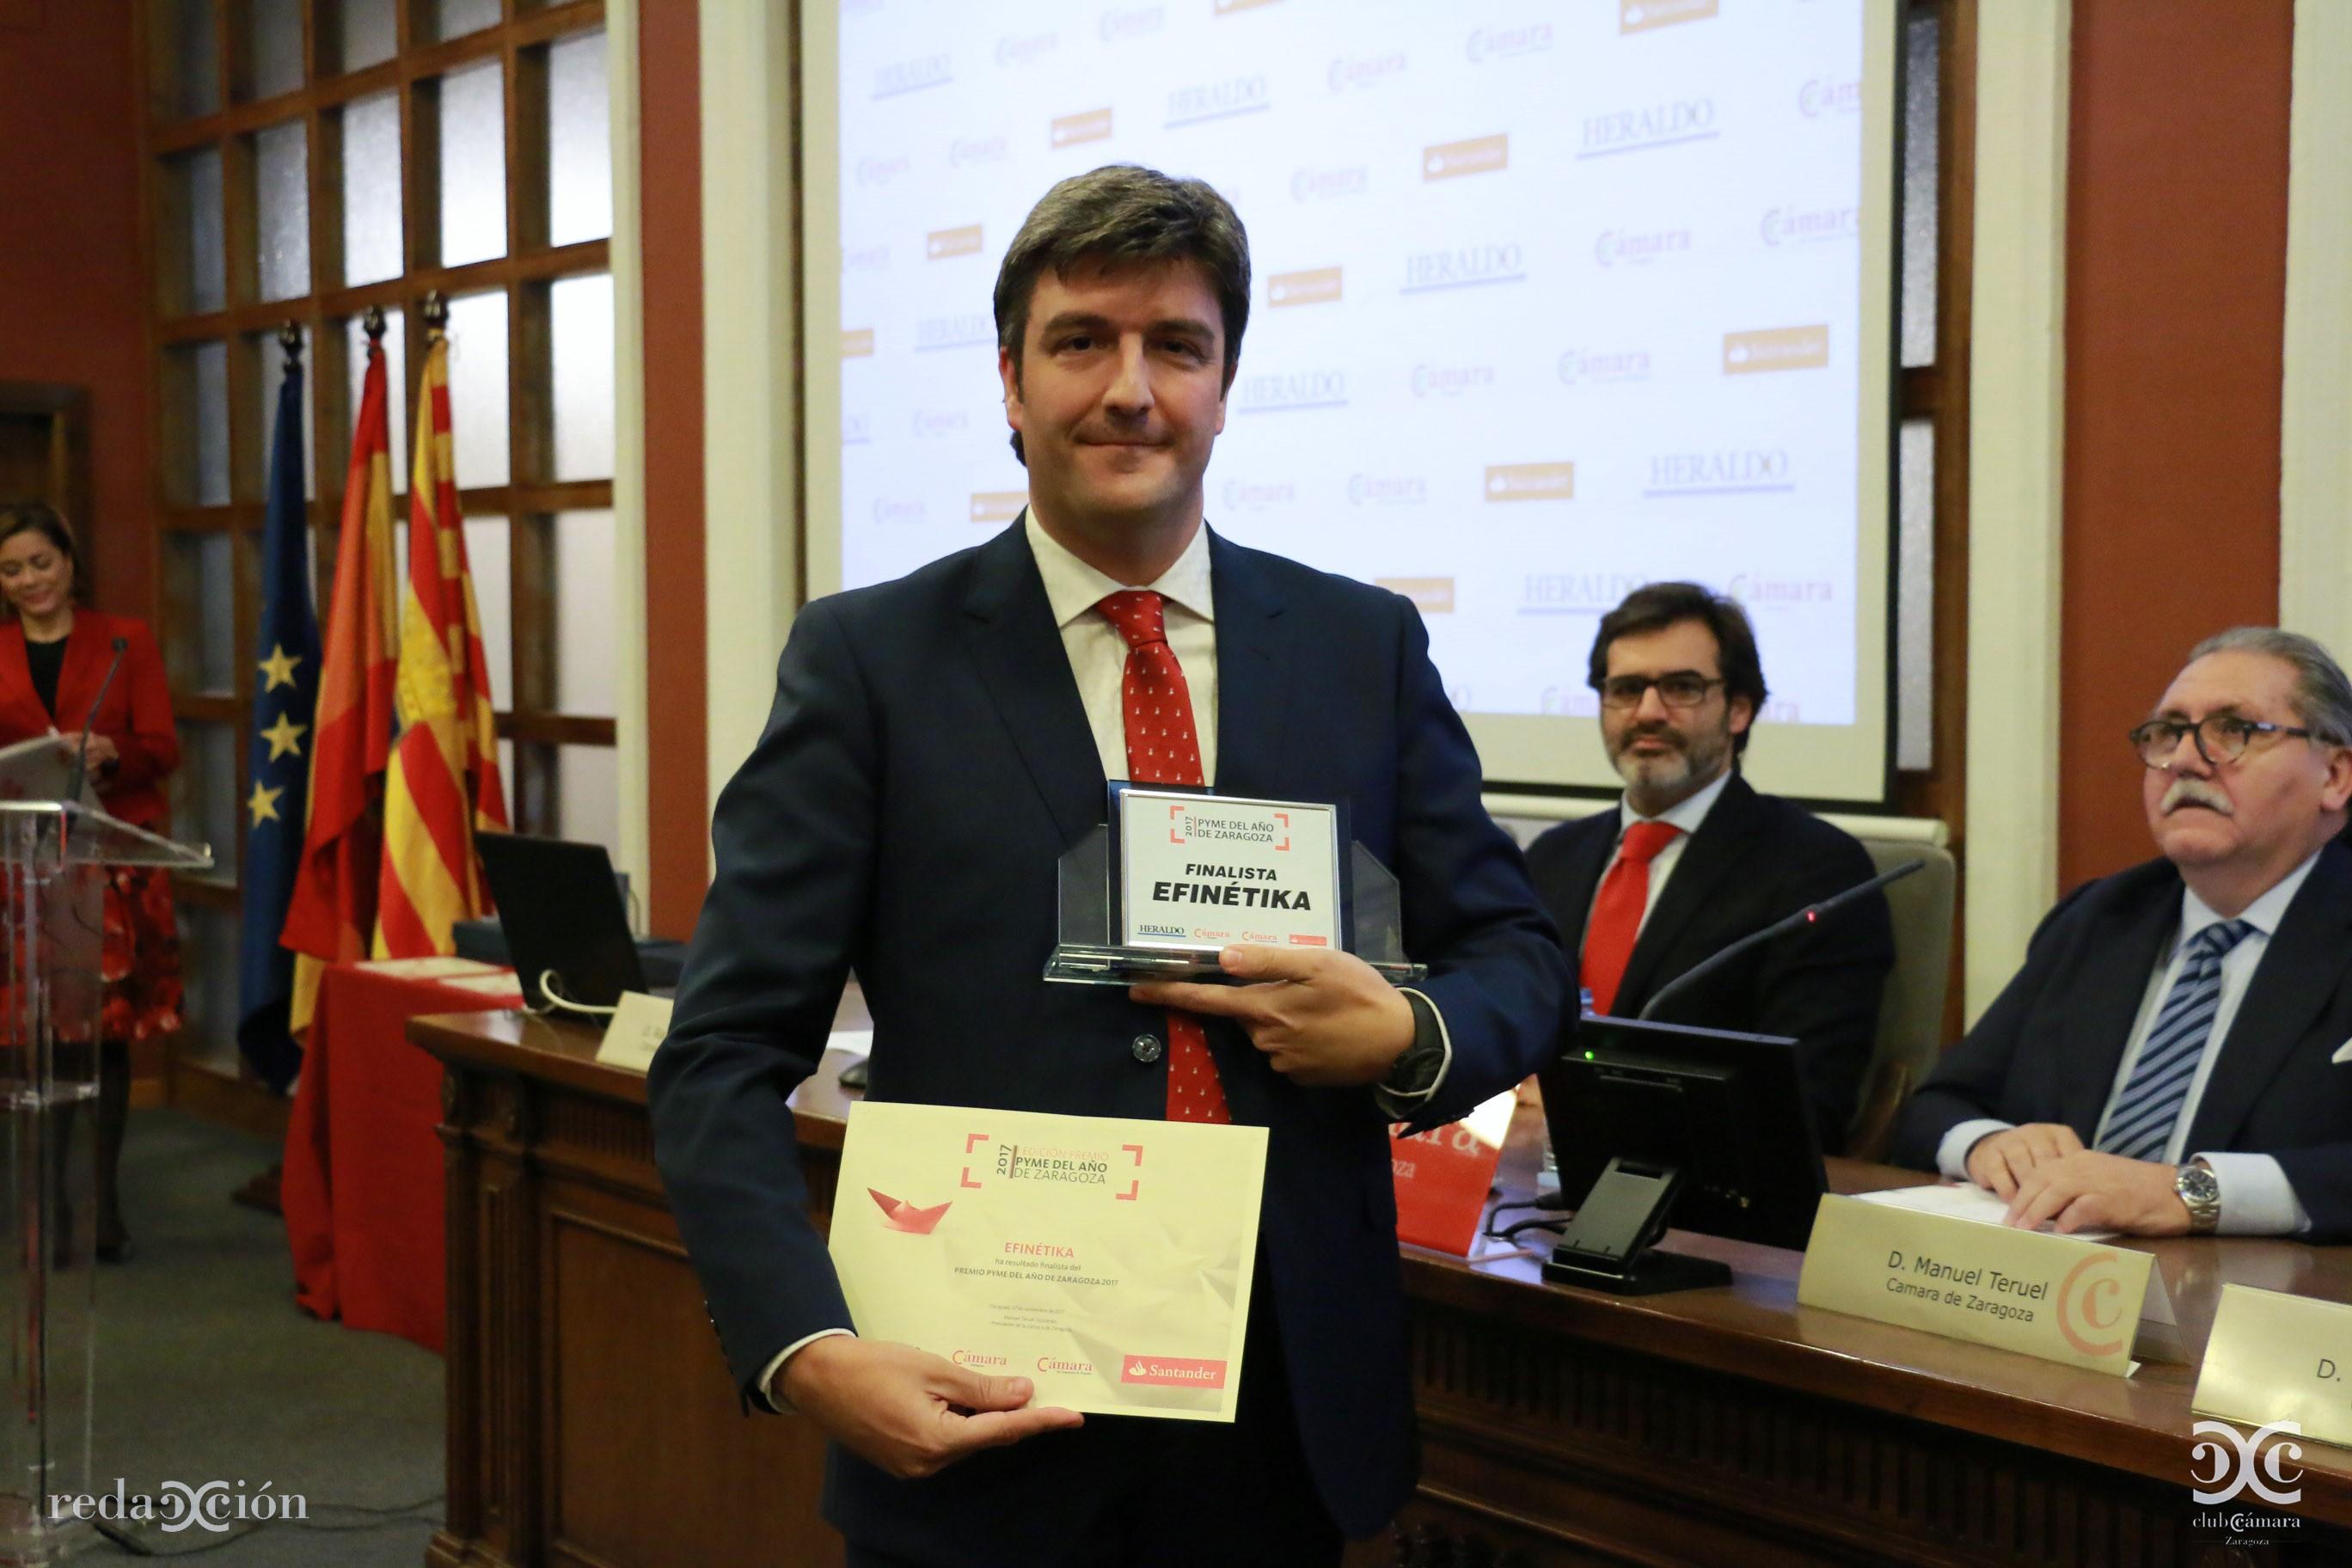 Vicente García, de Efinétika.